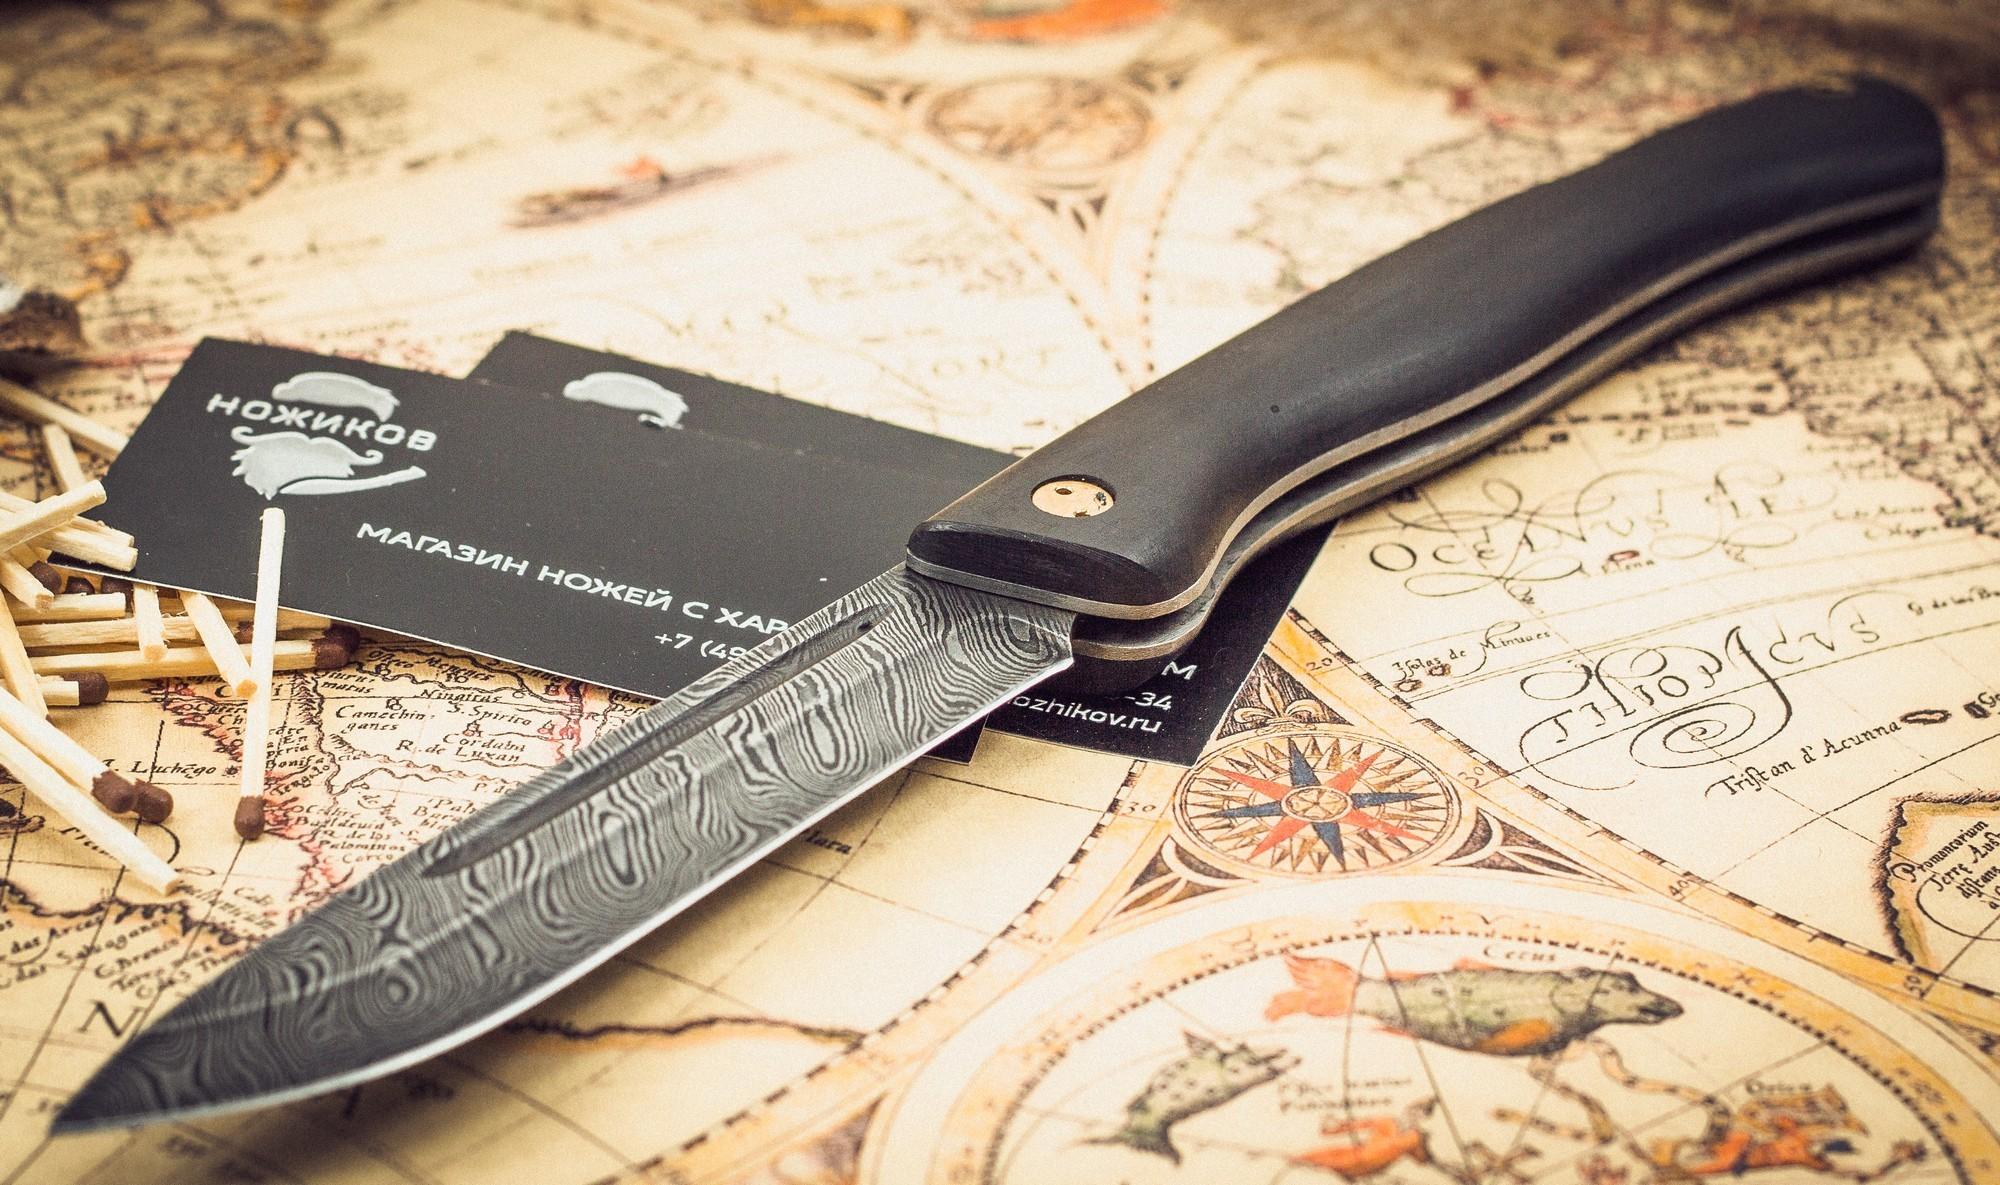 Фото 6 - Складной нож Лесничий, дамаск, граб от Марычев